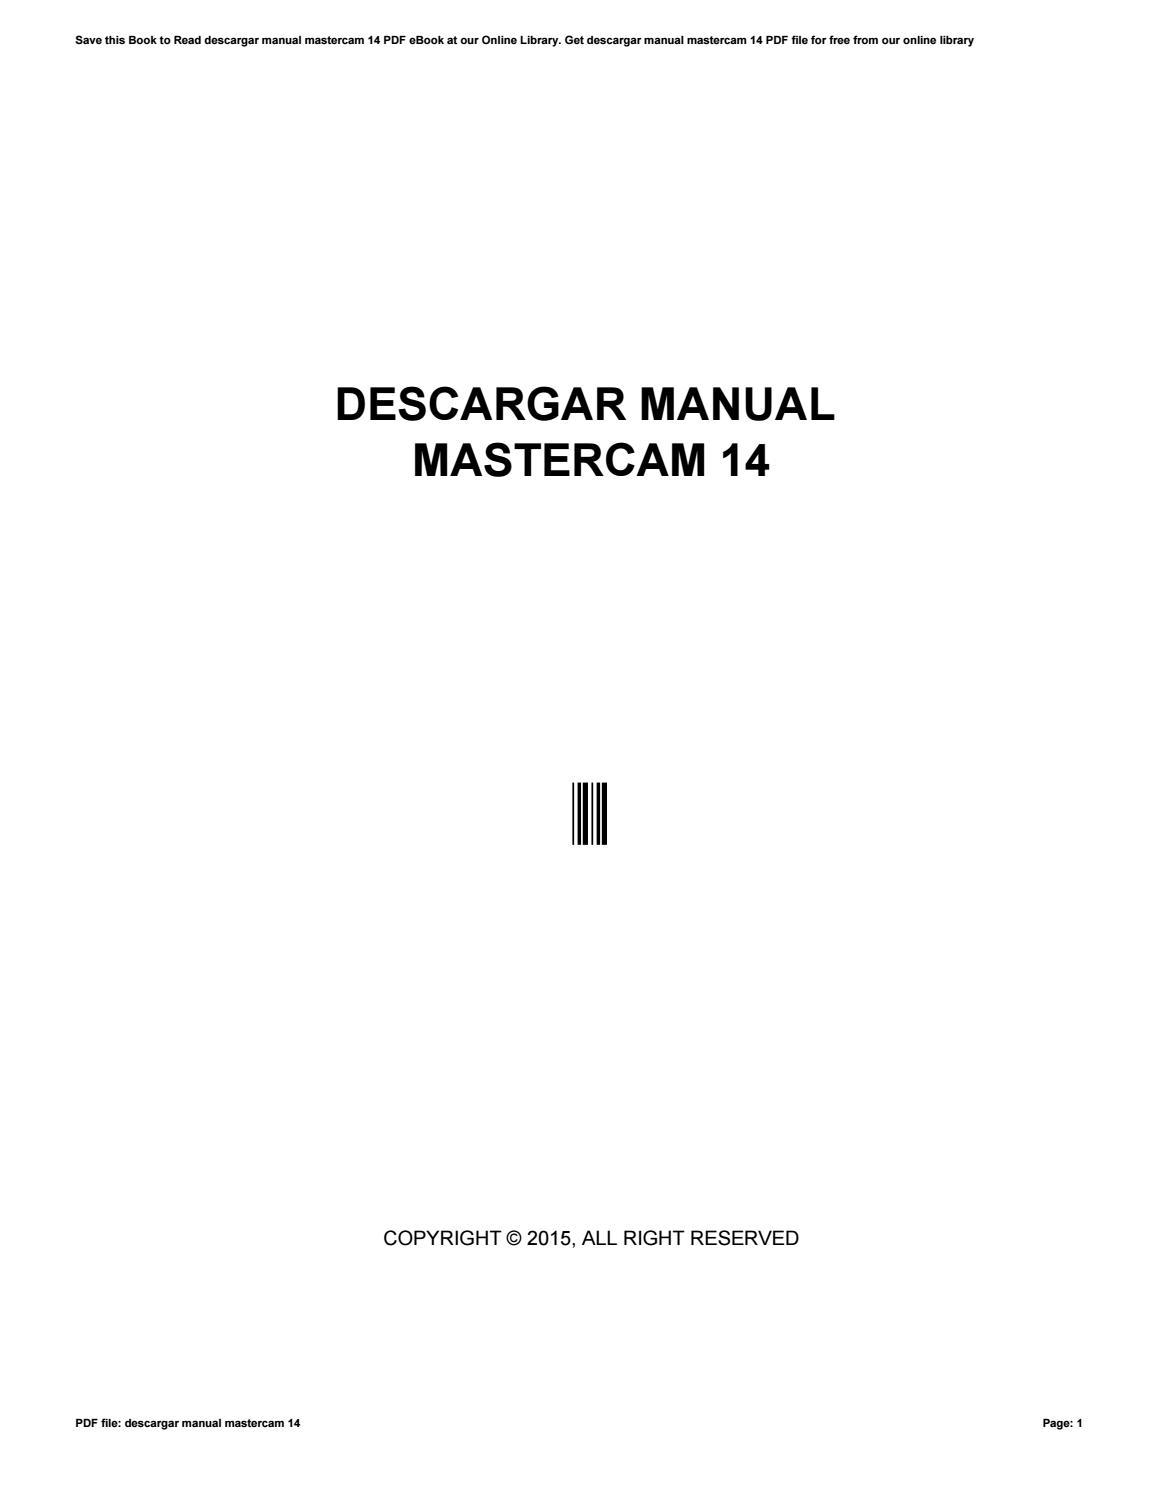 descargar manual mastercam 14 by c4075 issuu rh issuu com Mastercam Screen Mastercam 9